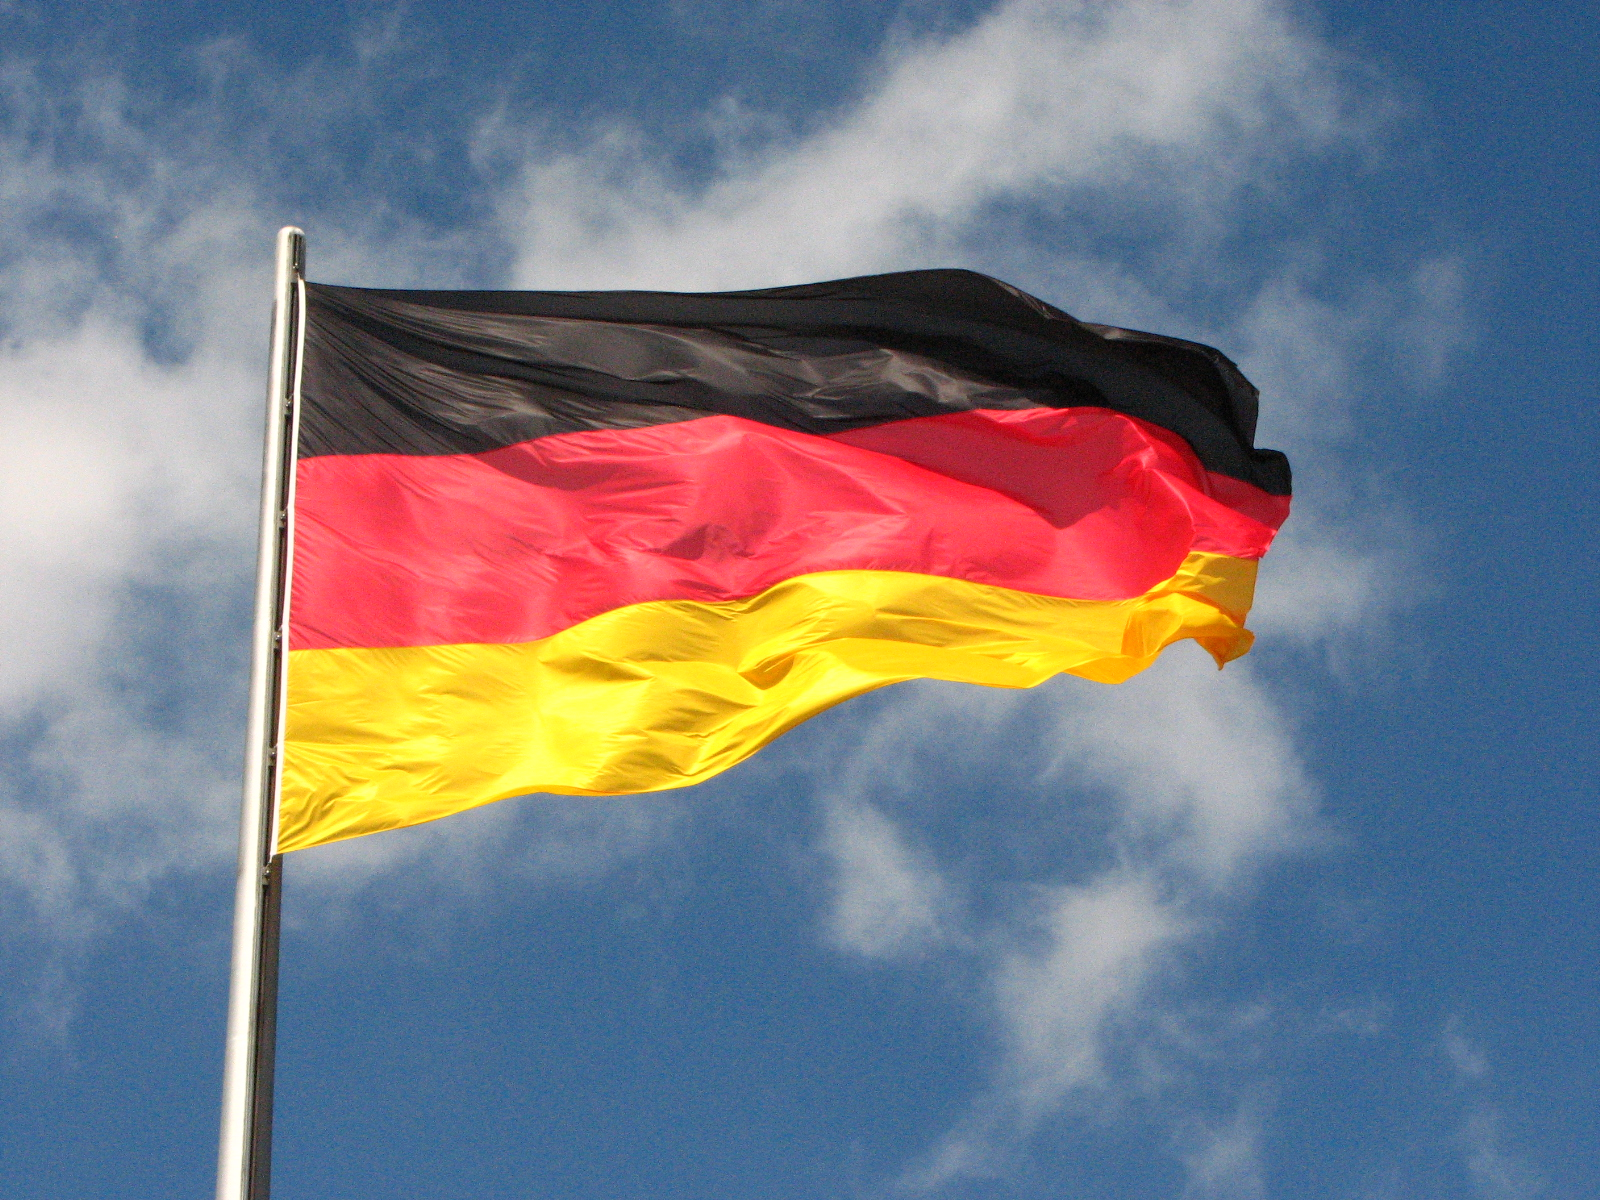 المتحدث الرسمي بإسم الحكومة الألمانية: نحترم نتائج الاستفتاء اليوناني